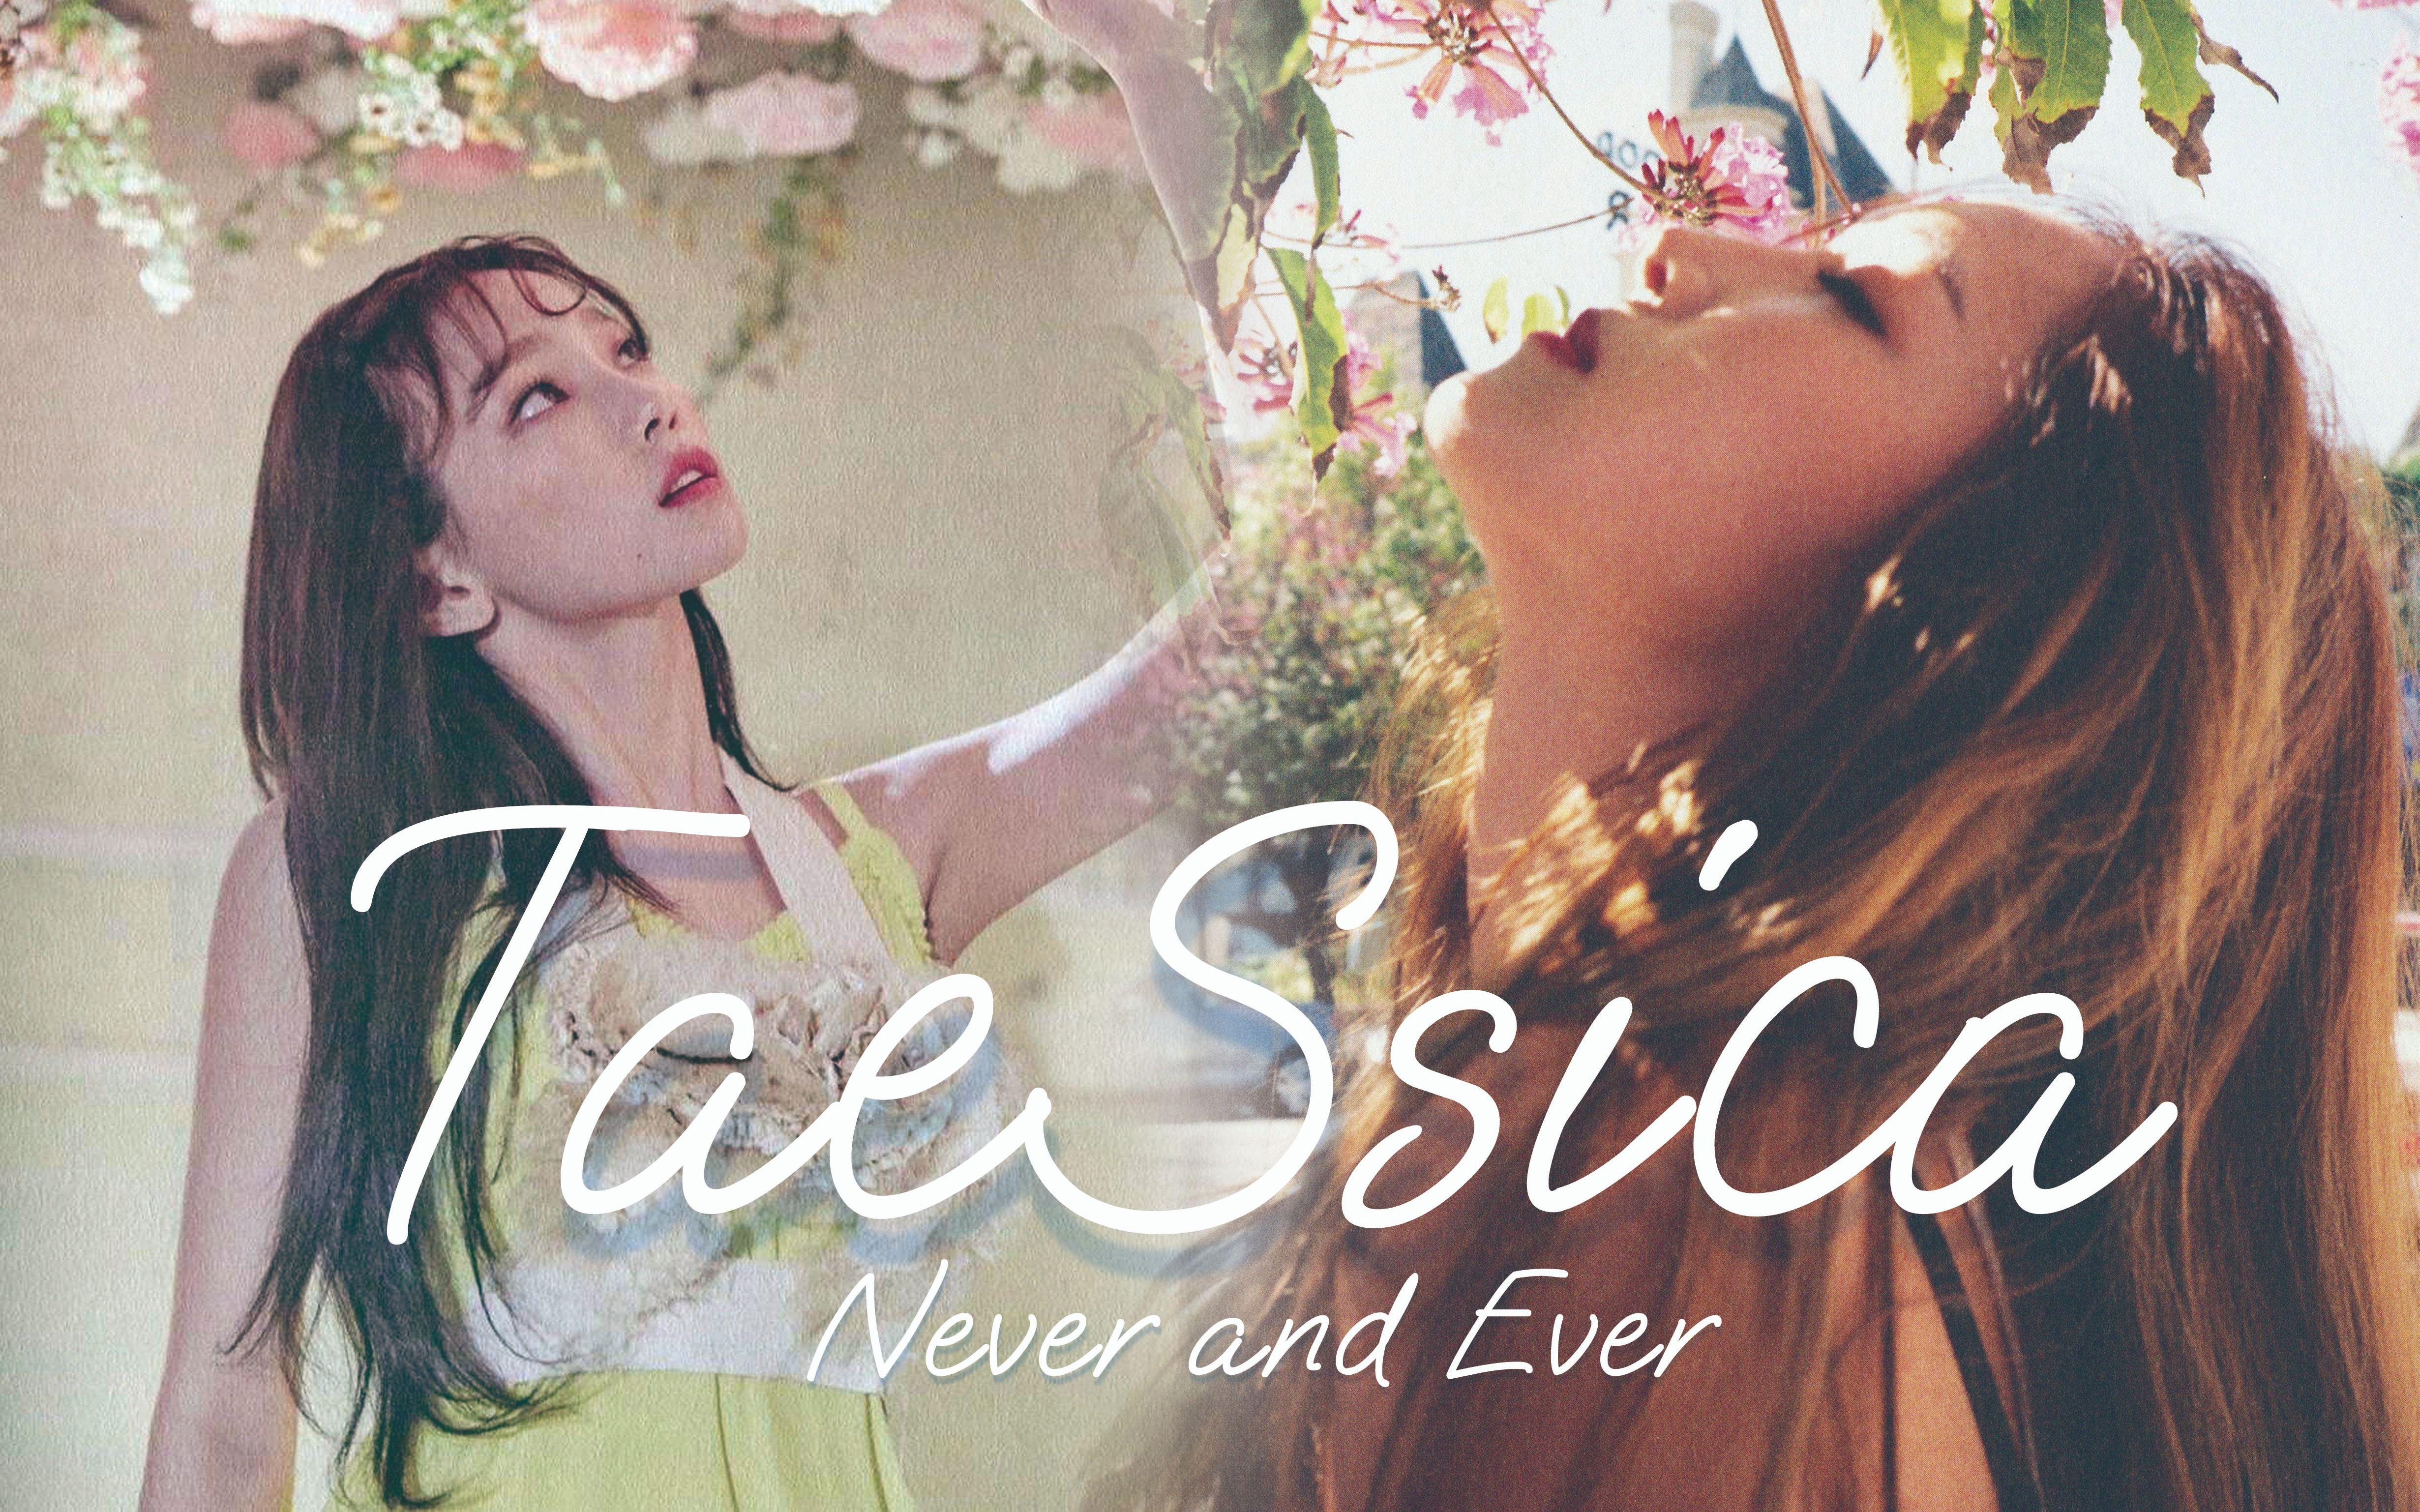 【TaeSsica】╥终将把你丢失了╥